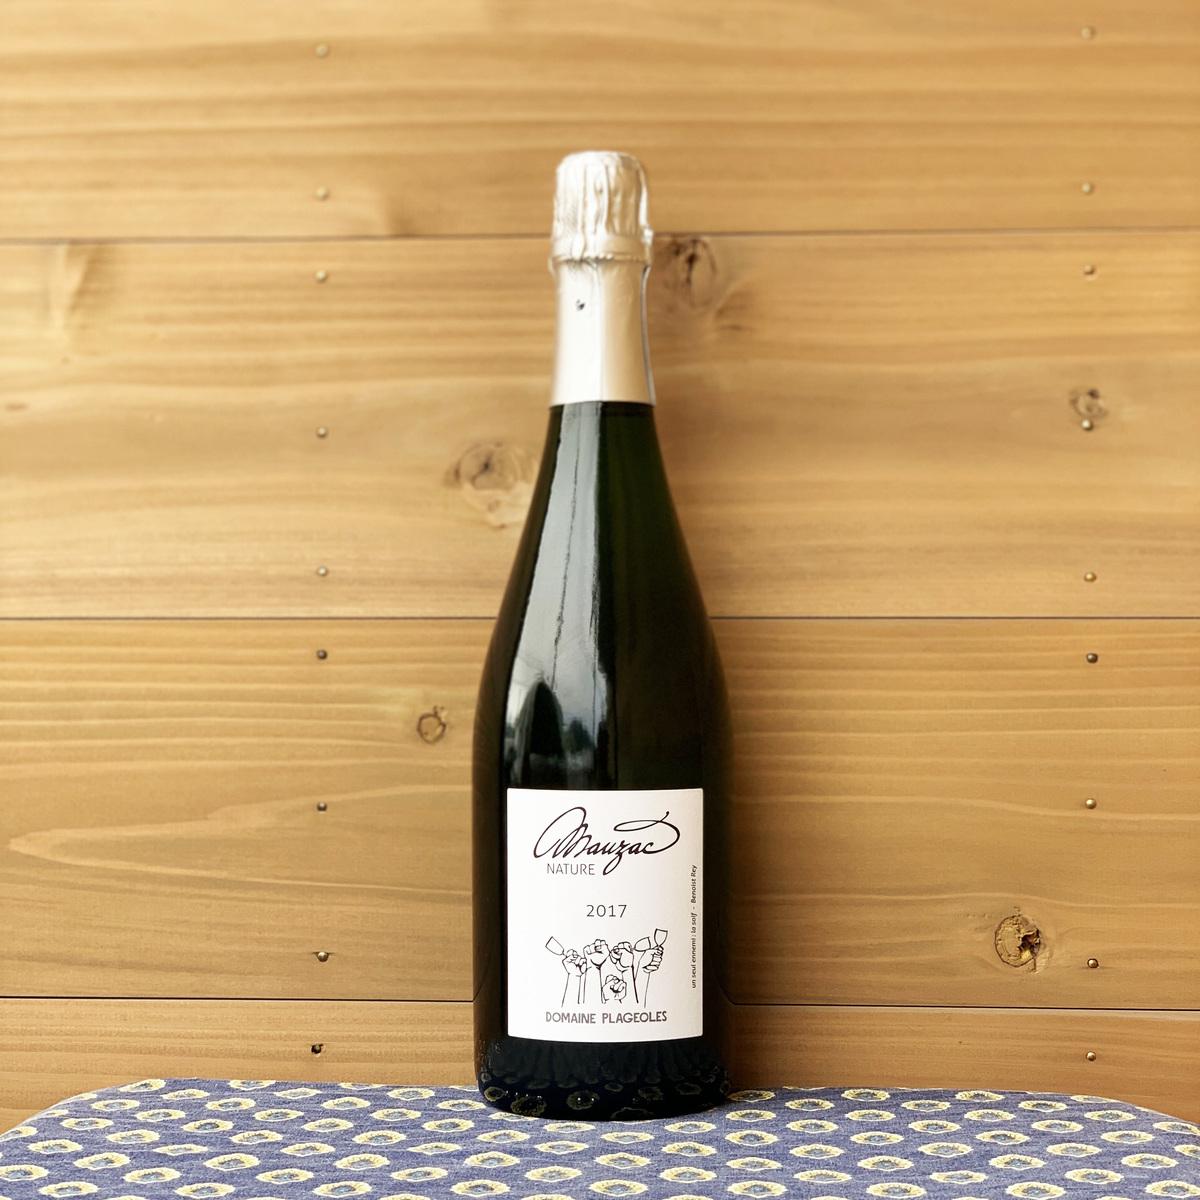 テロワールの個性を活かした品種 造りに定評のある生産者のスパークリングワインです 南西地方 フランス ベルナール プラジョル 数量限定アウトレット最安価格 最新号掲載アイテム '17 ブリュット モーザック 自然派ワイン スパークリングワイン ナチュール